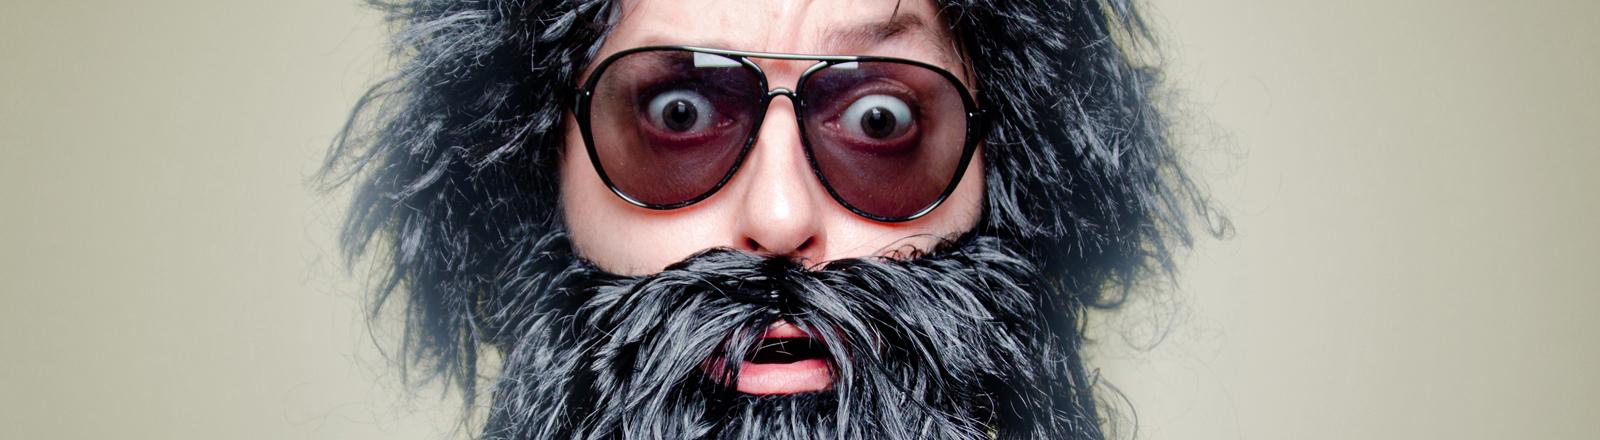 Ein Mann mit Bart und Perücke hat die Augen weit aufgerissen, er trägt eine Sonnenbrille.